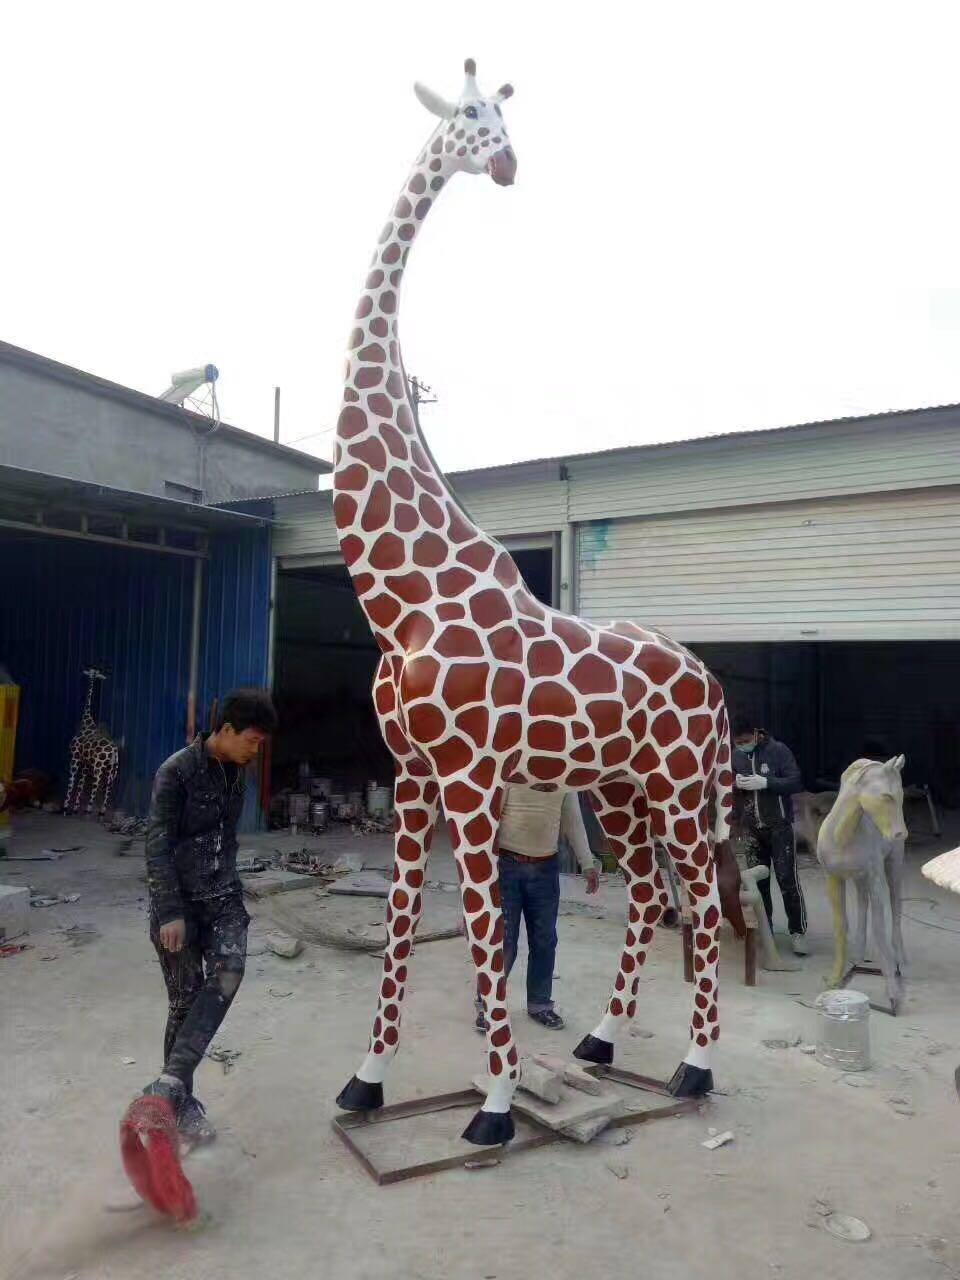 广西雕塑价格|广西雕塑厂家直销|广西雕塑哪家比较专业